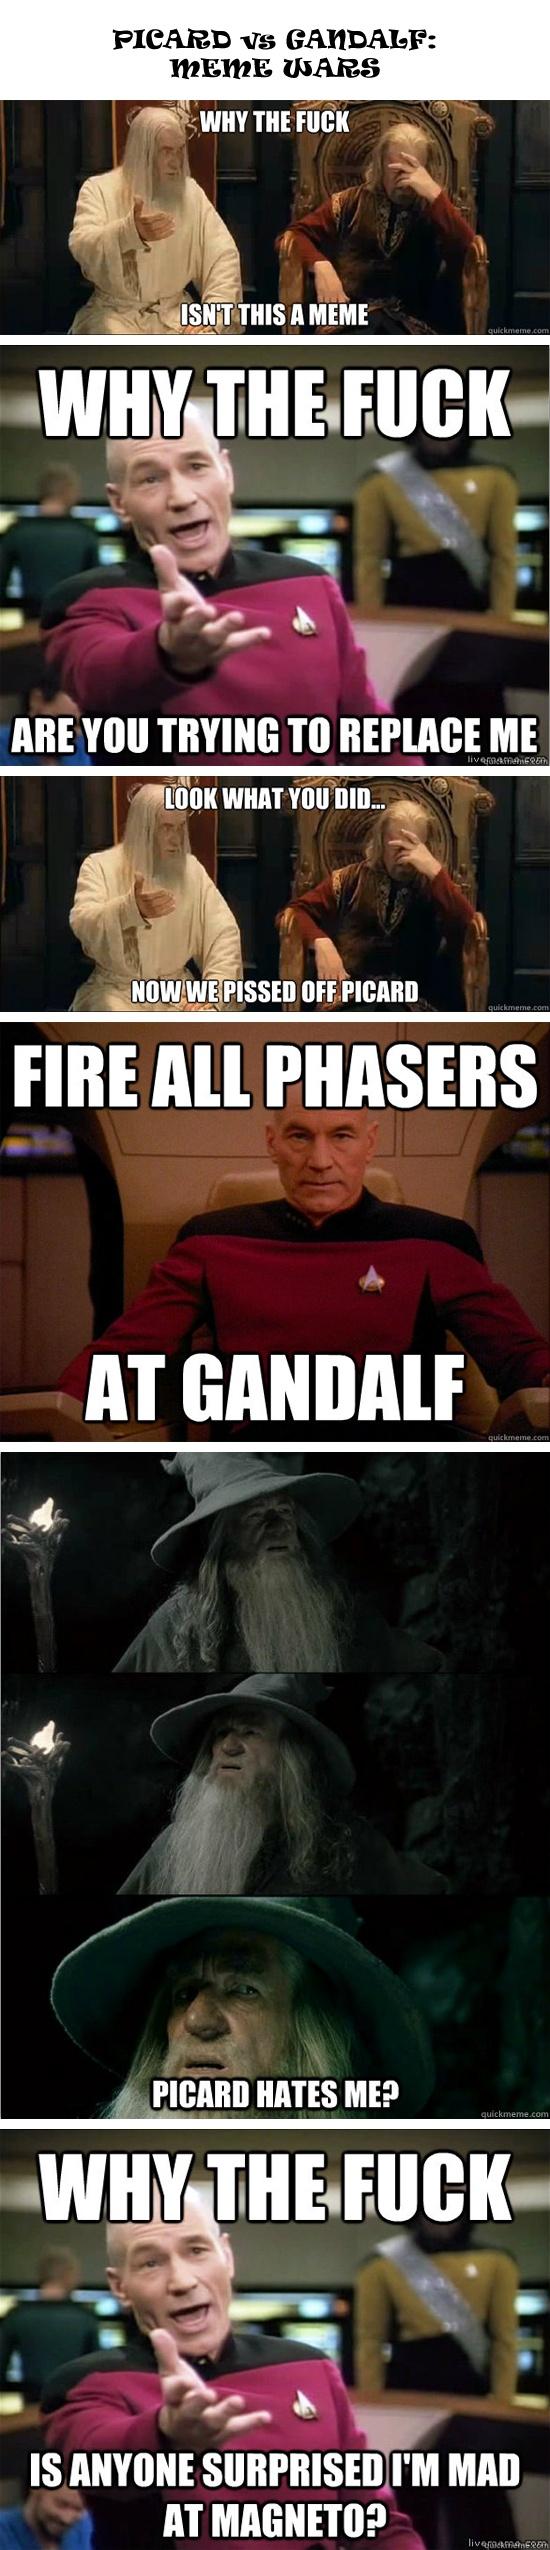 Picard vs Gandalf: Meme Wars!